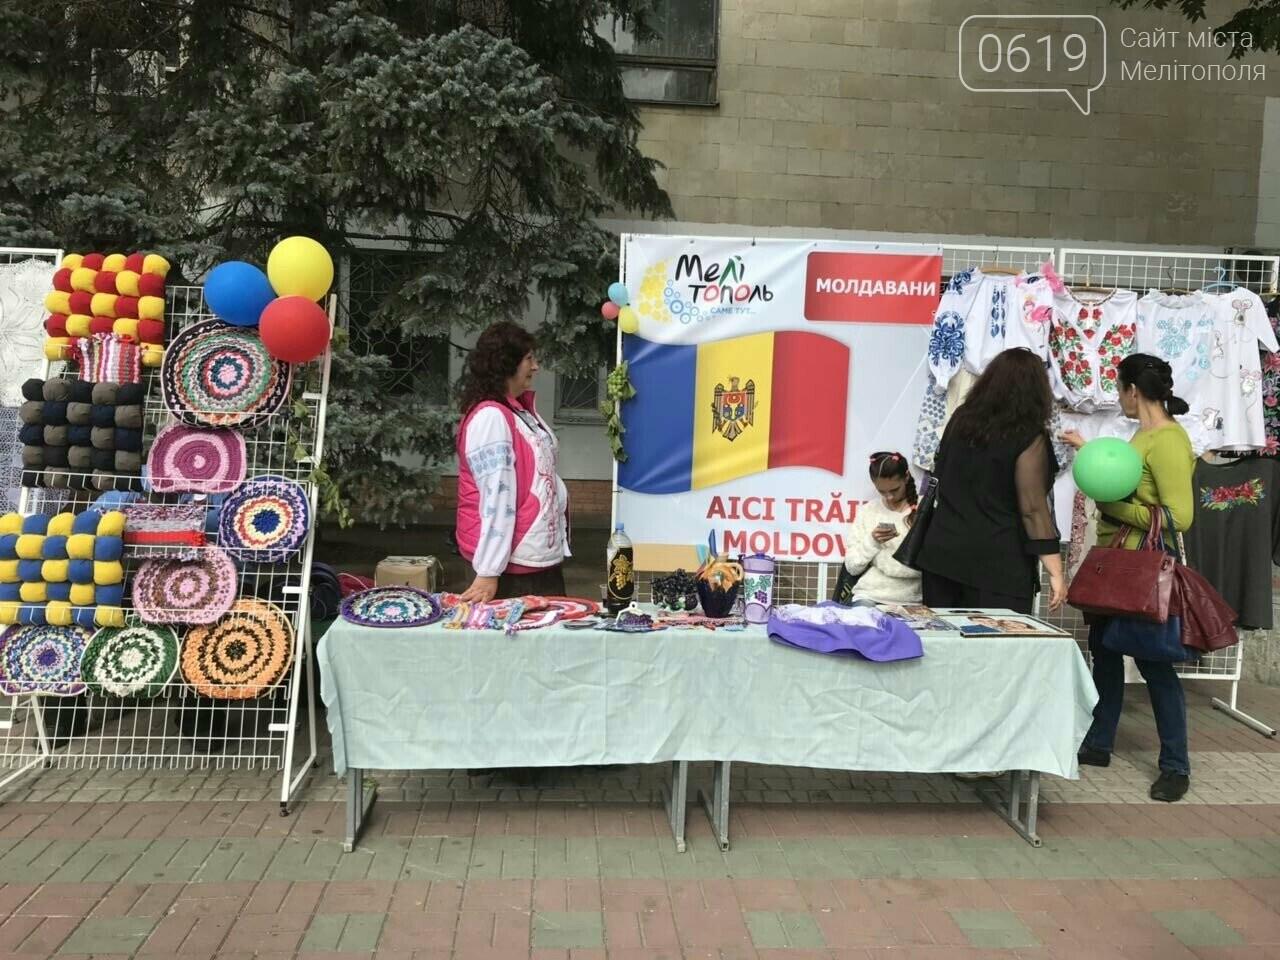 Вкусные блюда, яркие костюмы, выставки-ярмарки: в Мелитополе проходит фестиваль национальных культур, фото-20